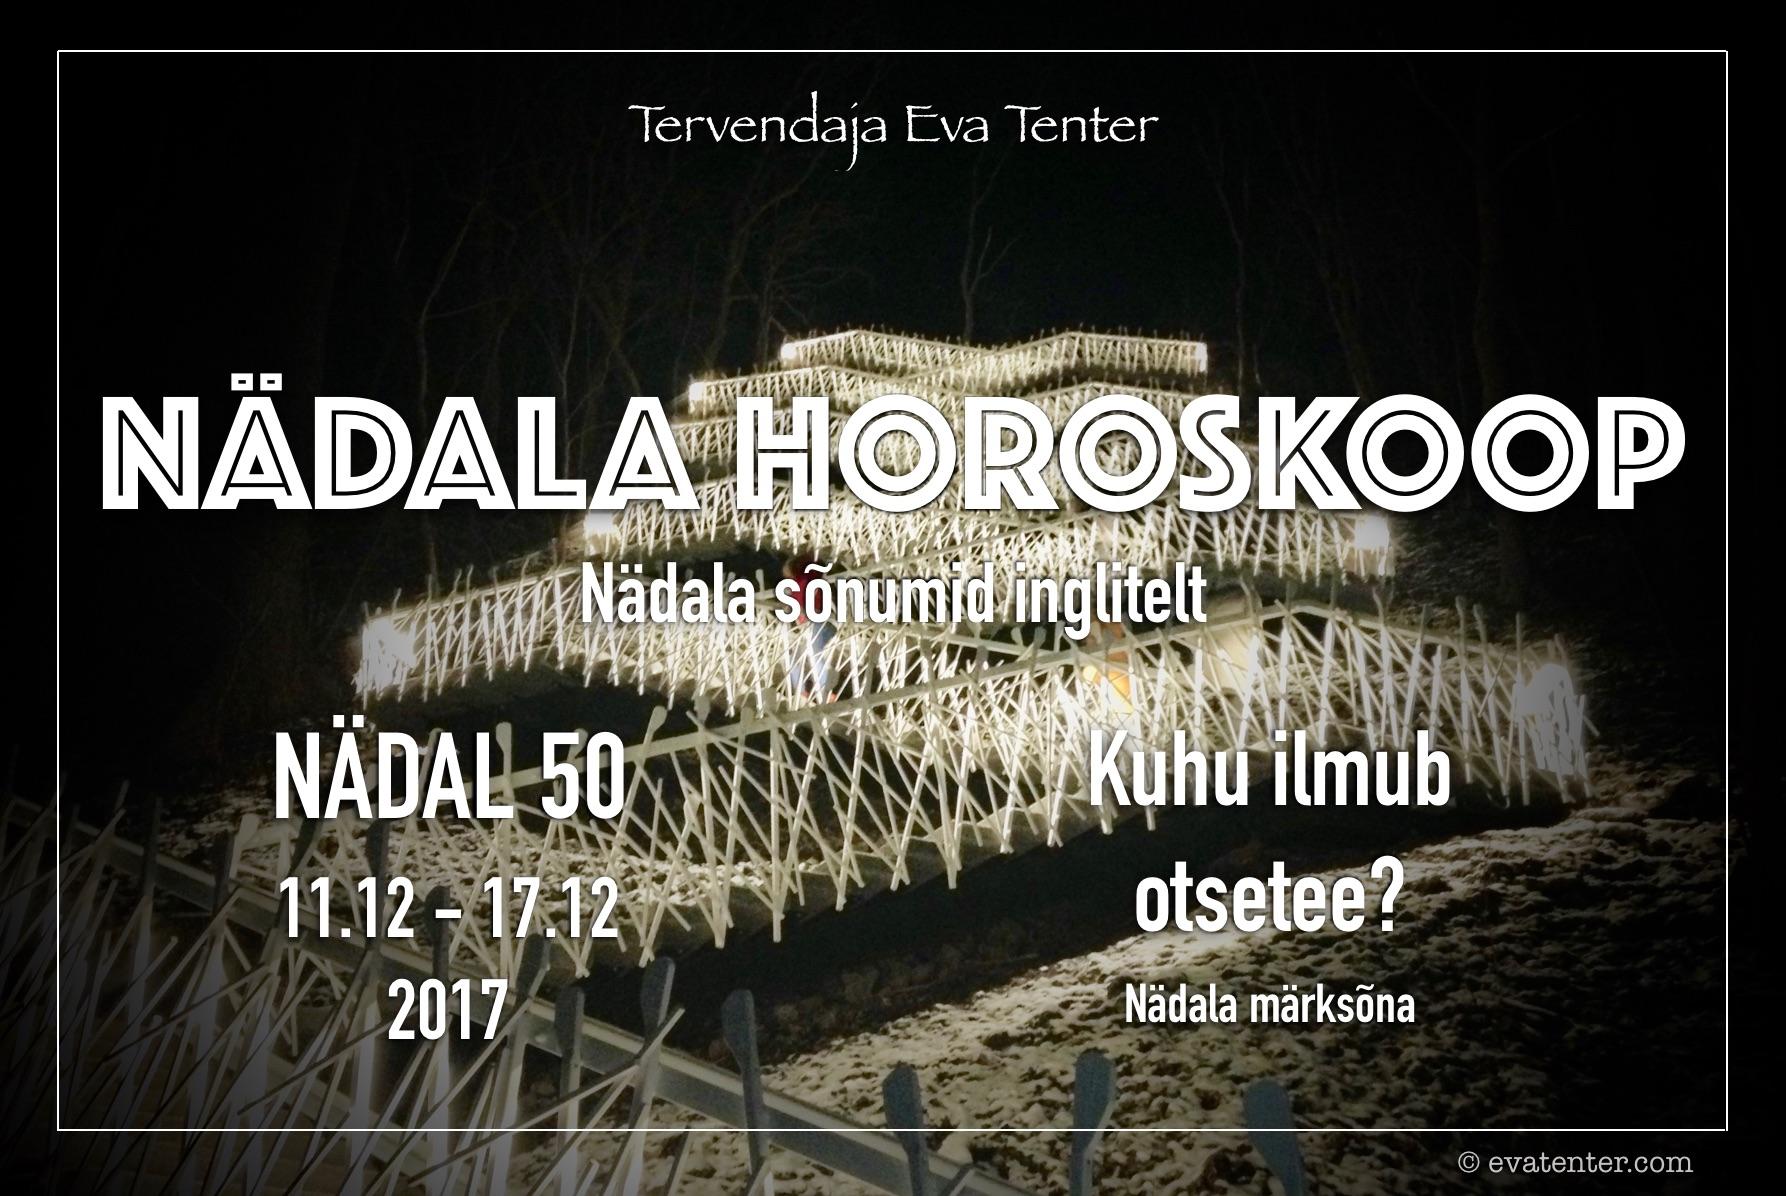 Nädala horoskoop 11.12-17.12.2017